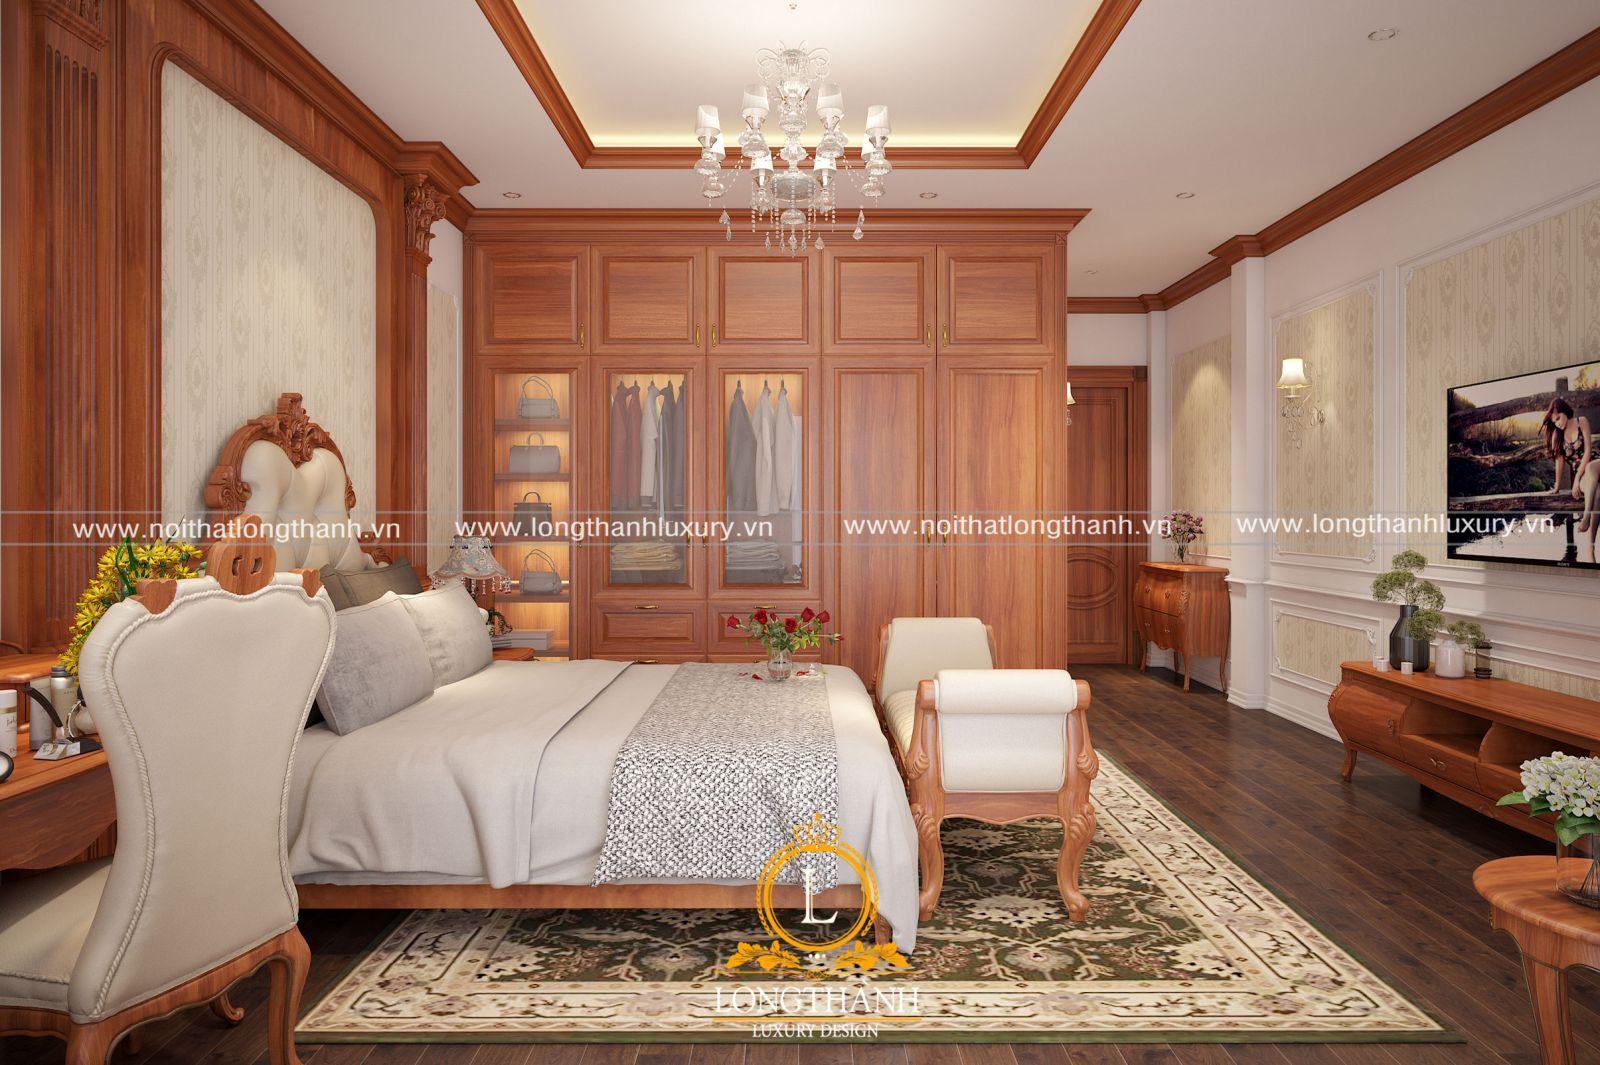 Bộ giường ngủ cho phòng ngủ cao cấp cần có kích thước phù hợp